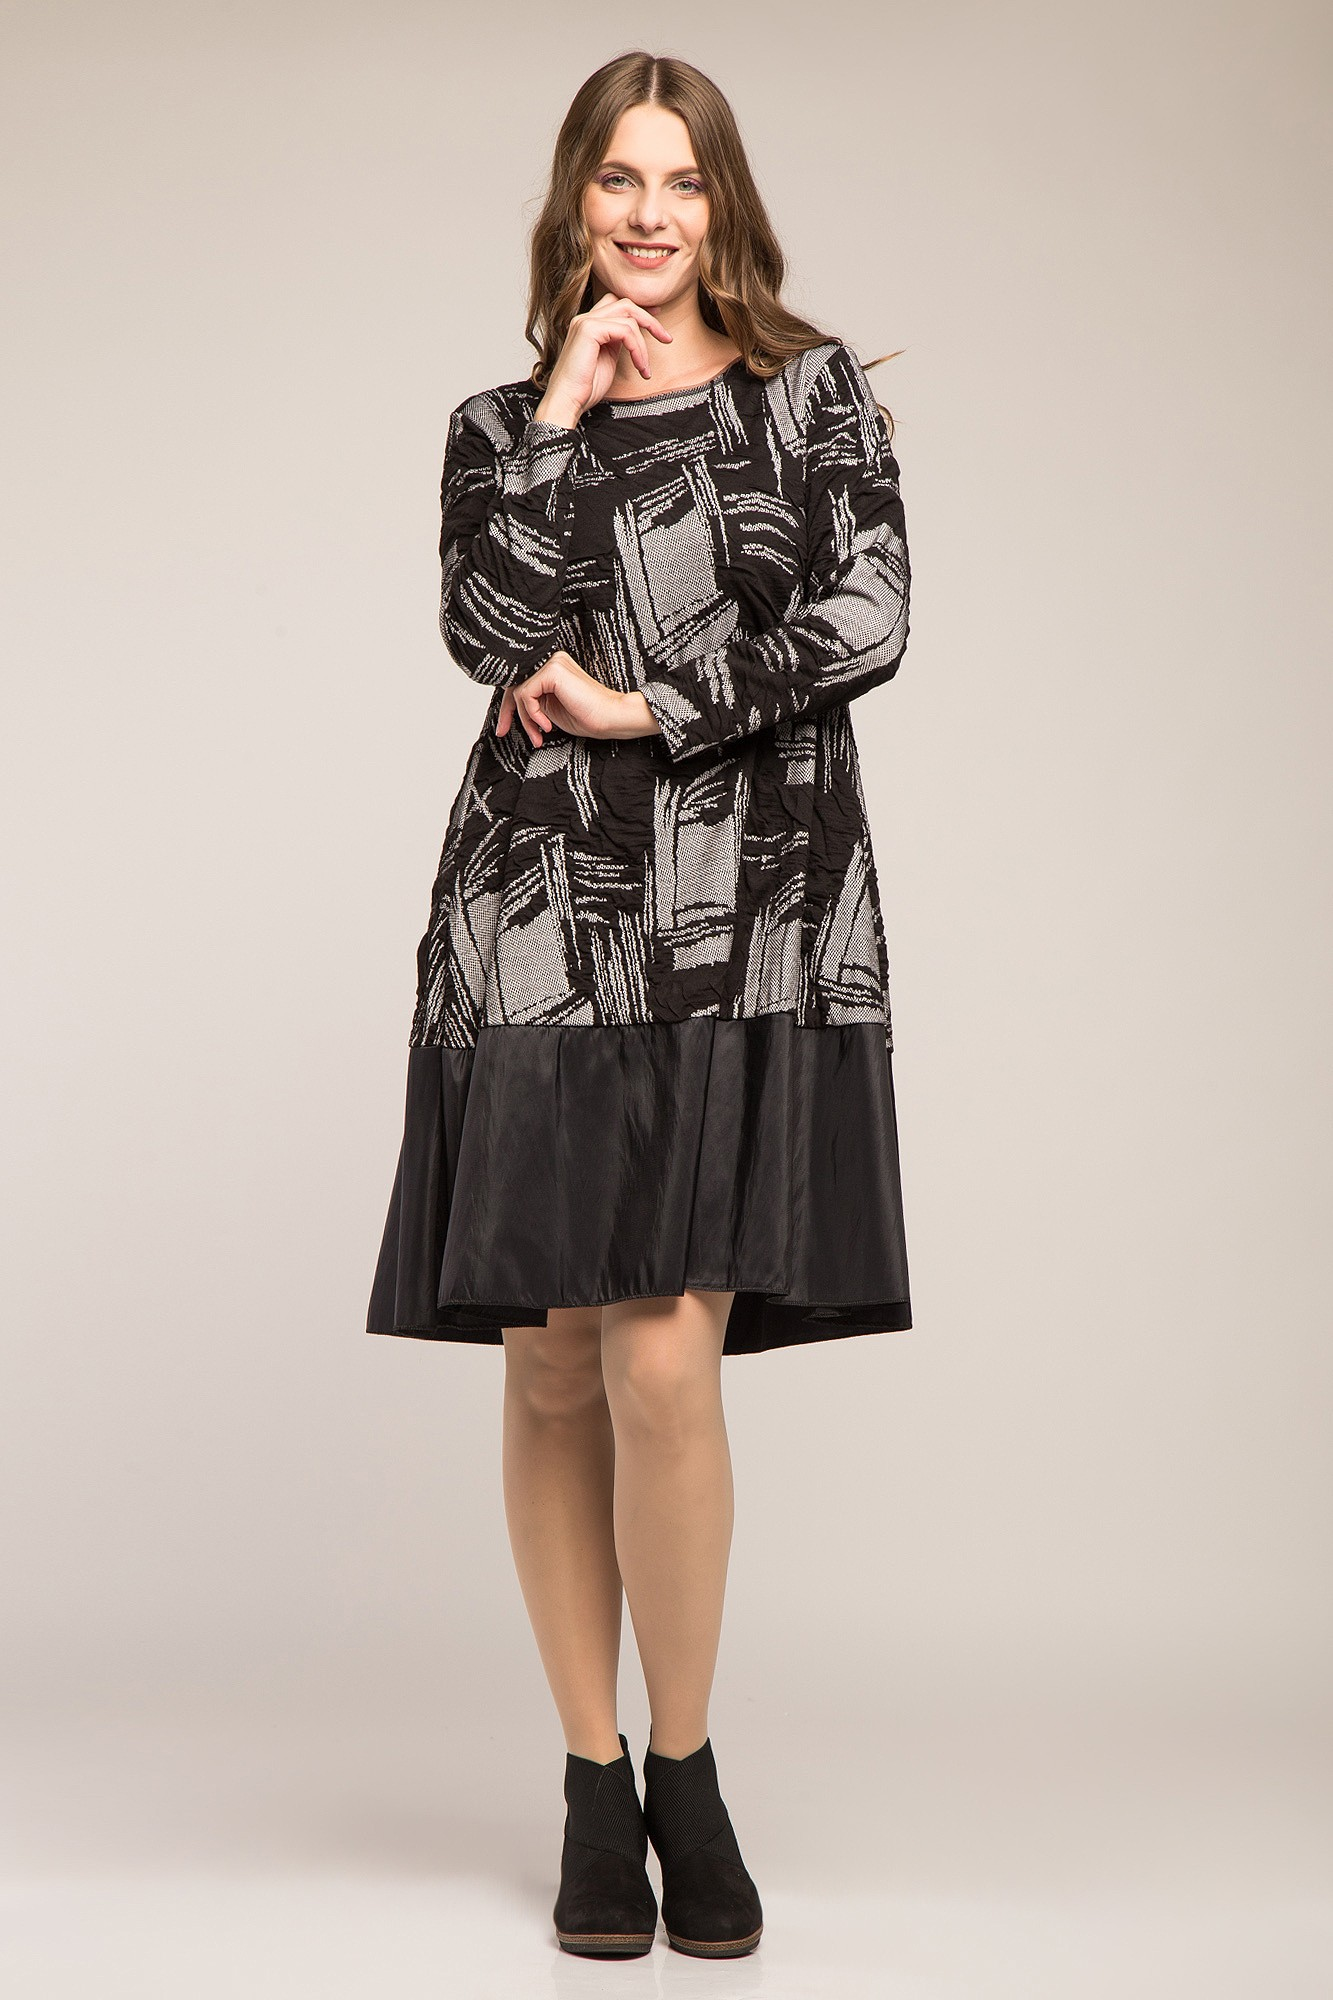 Rochie gri-negru cu model in relief si bordura